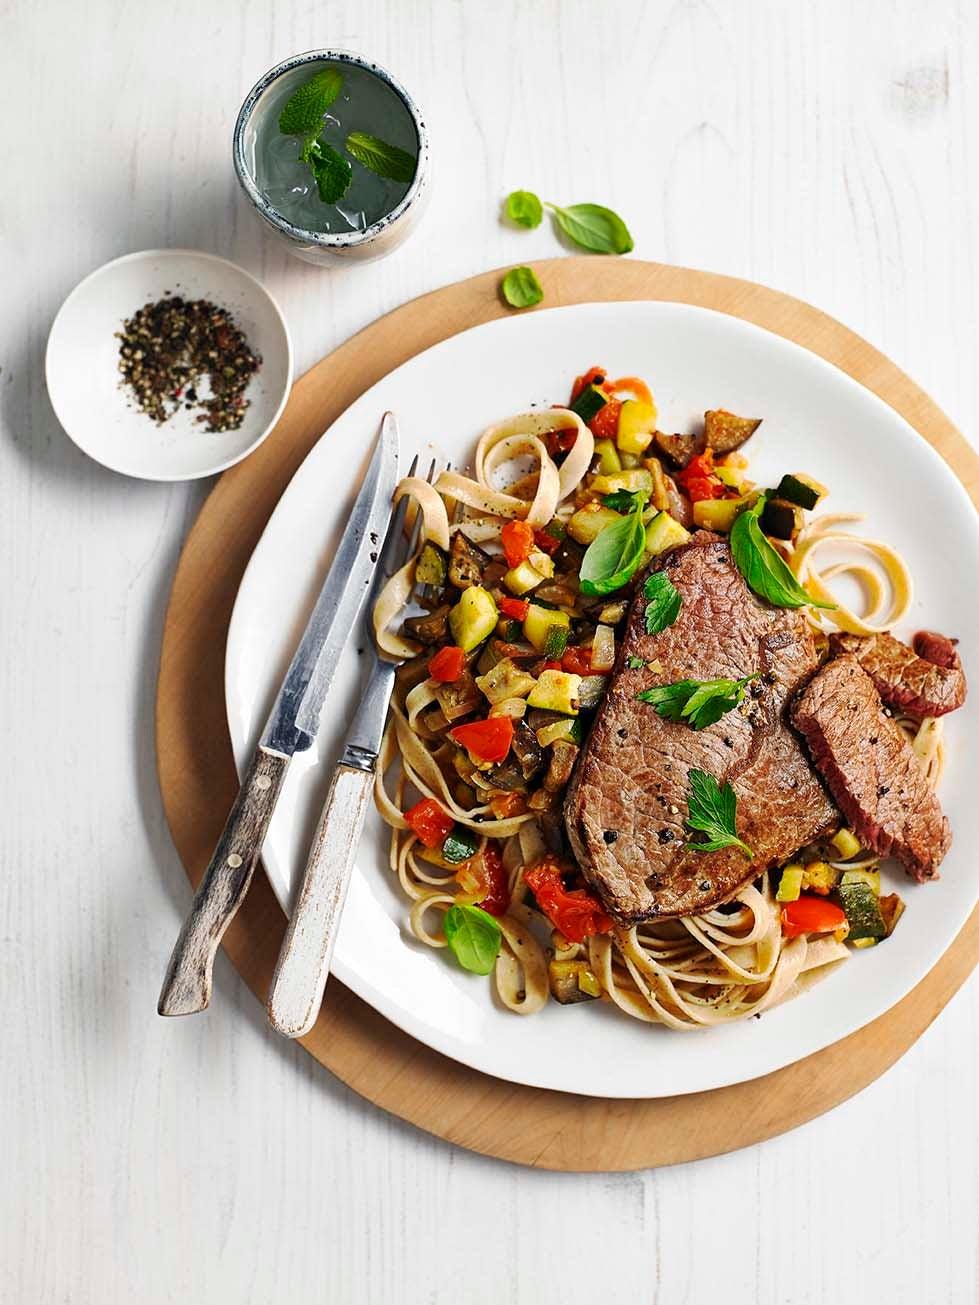 Photo of Italian-style steak & vegetable tagliatelle by WW